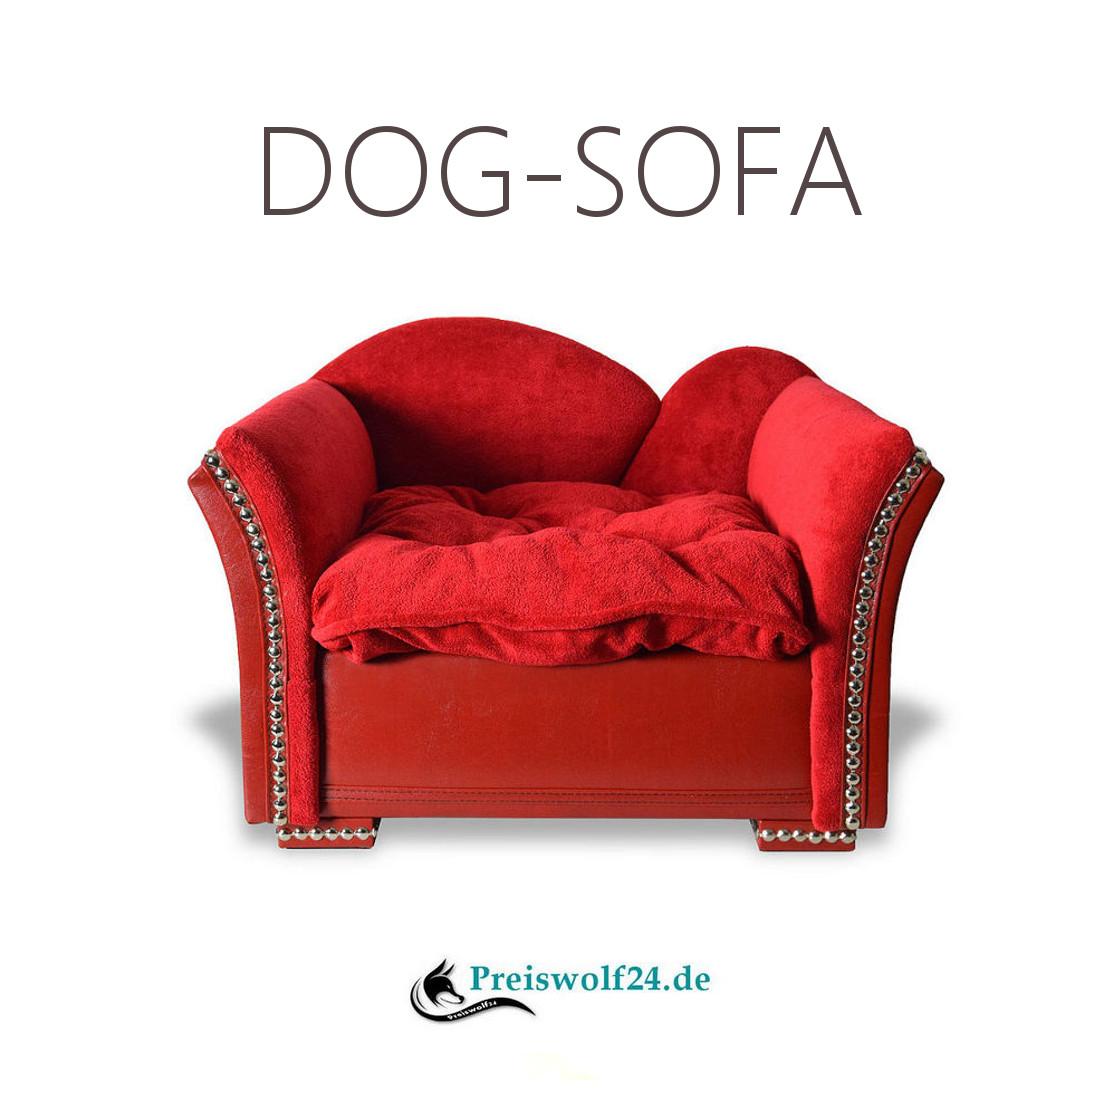 Dog sofa Hundesofa Hundecouch